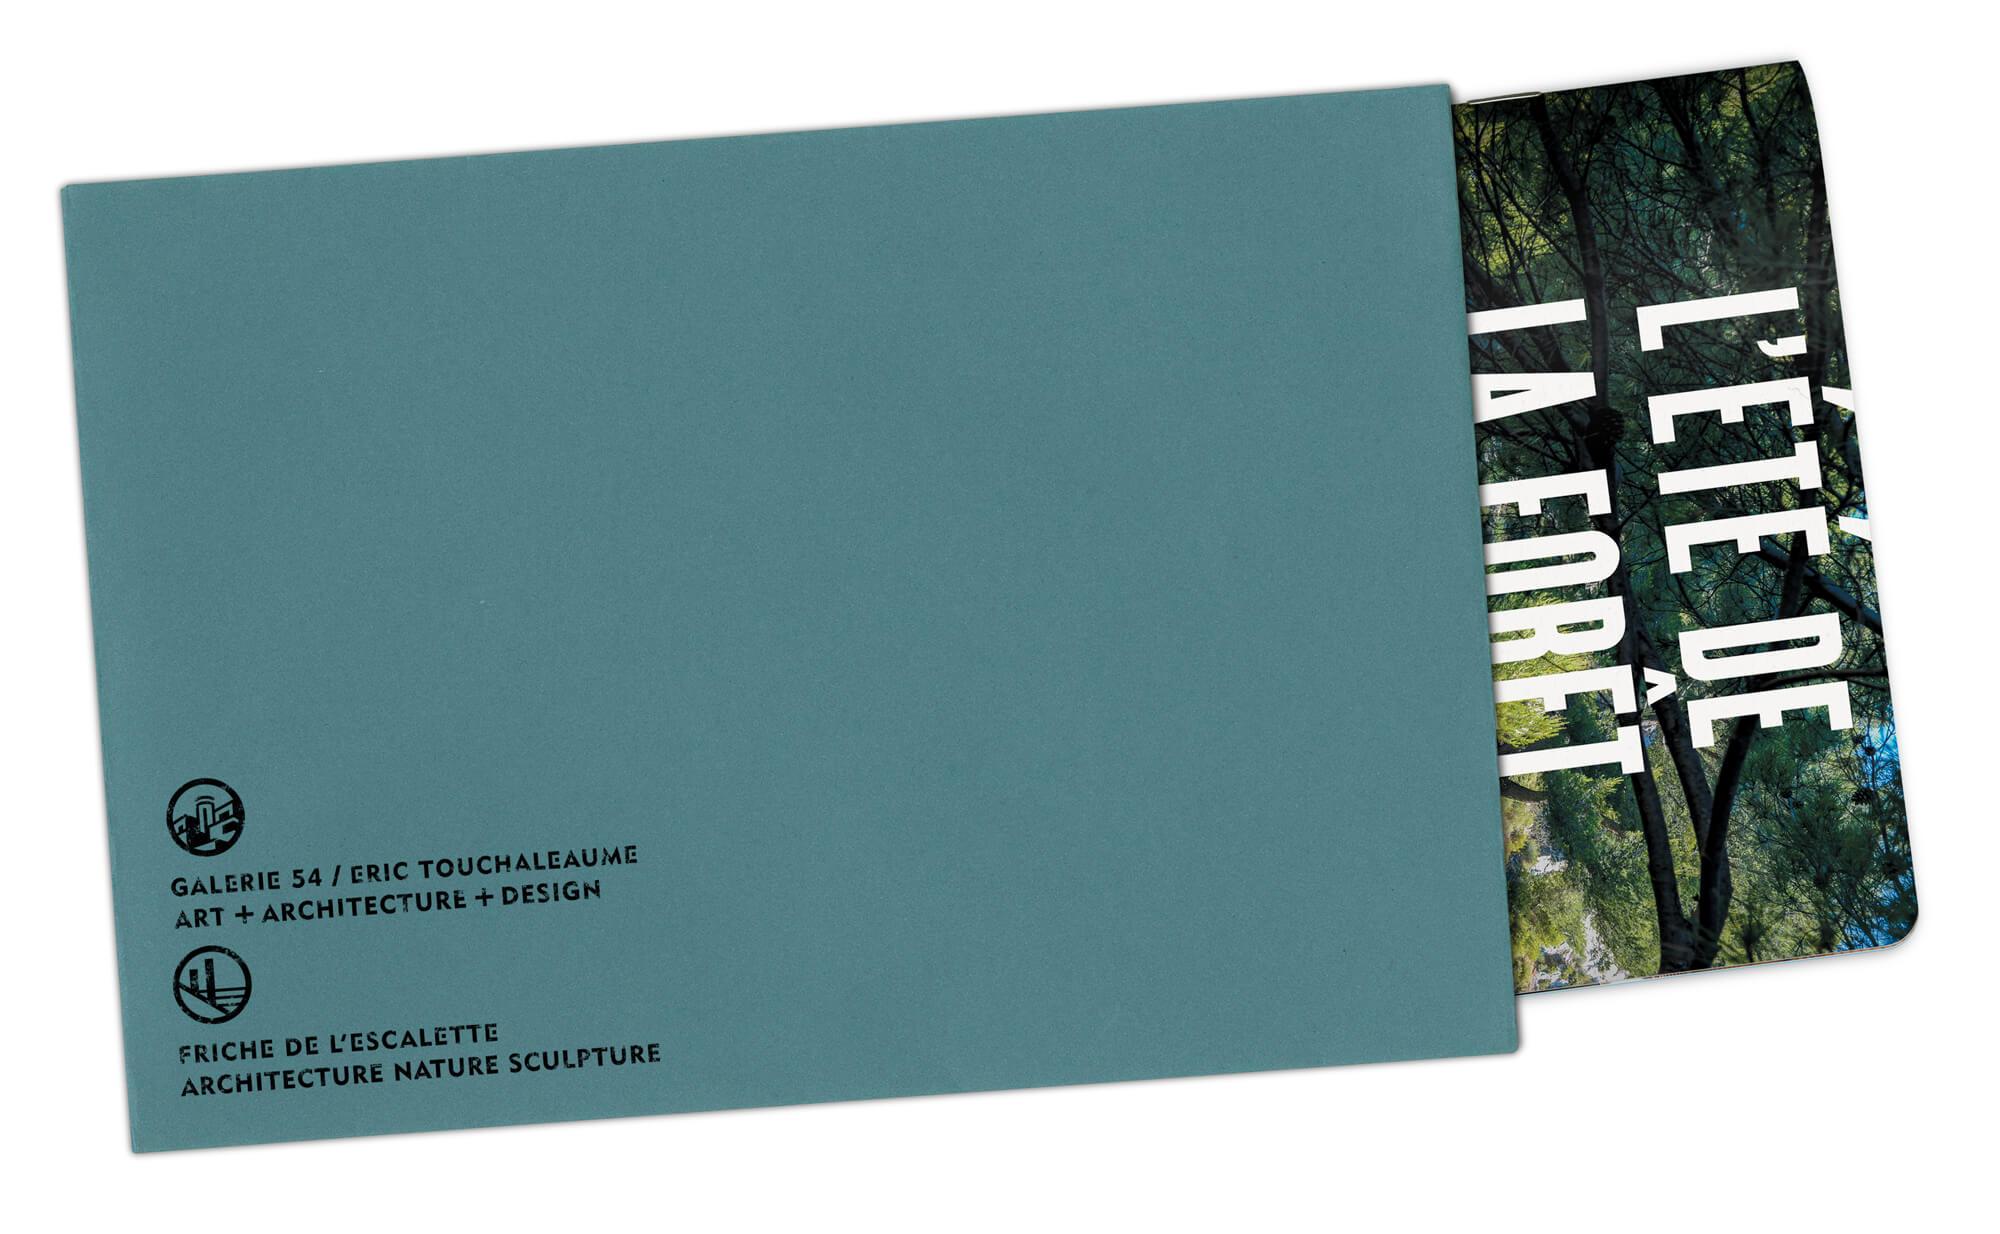 Le livret l'2té de la foret envoyé dans des enveloppe couleur bleu canard estamplillé Friche de l'Escalette et Galerie 54, direction artistique Ich&Kar